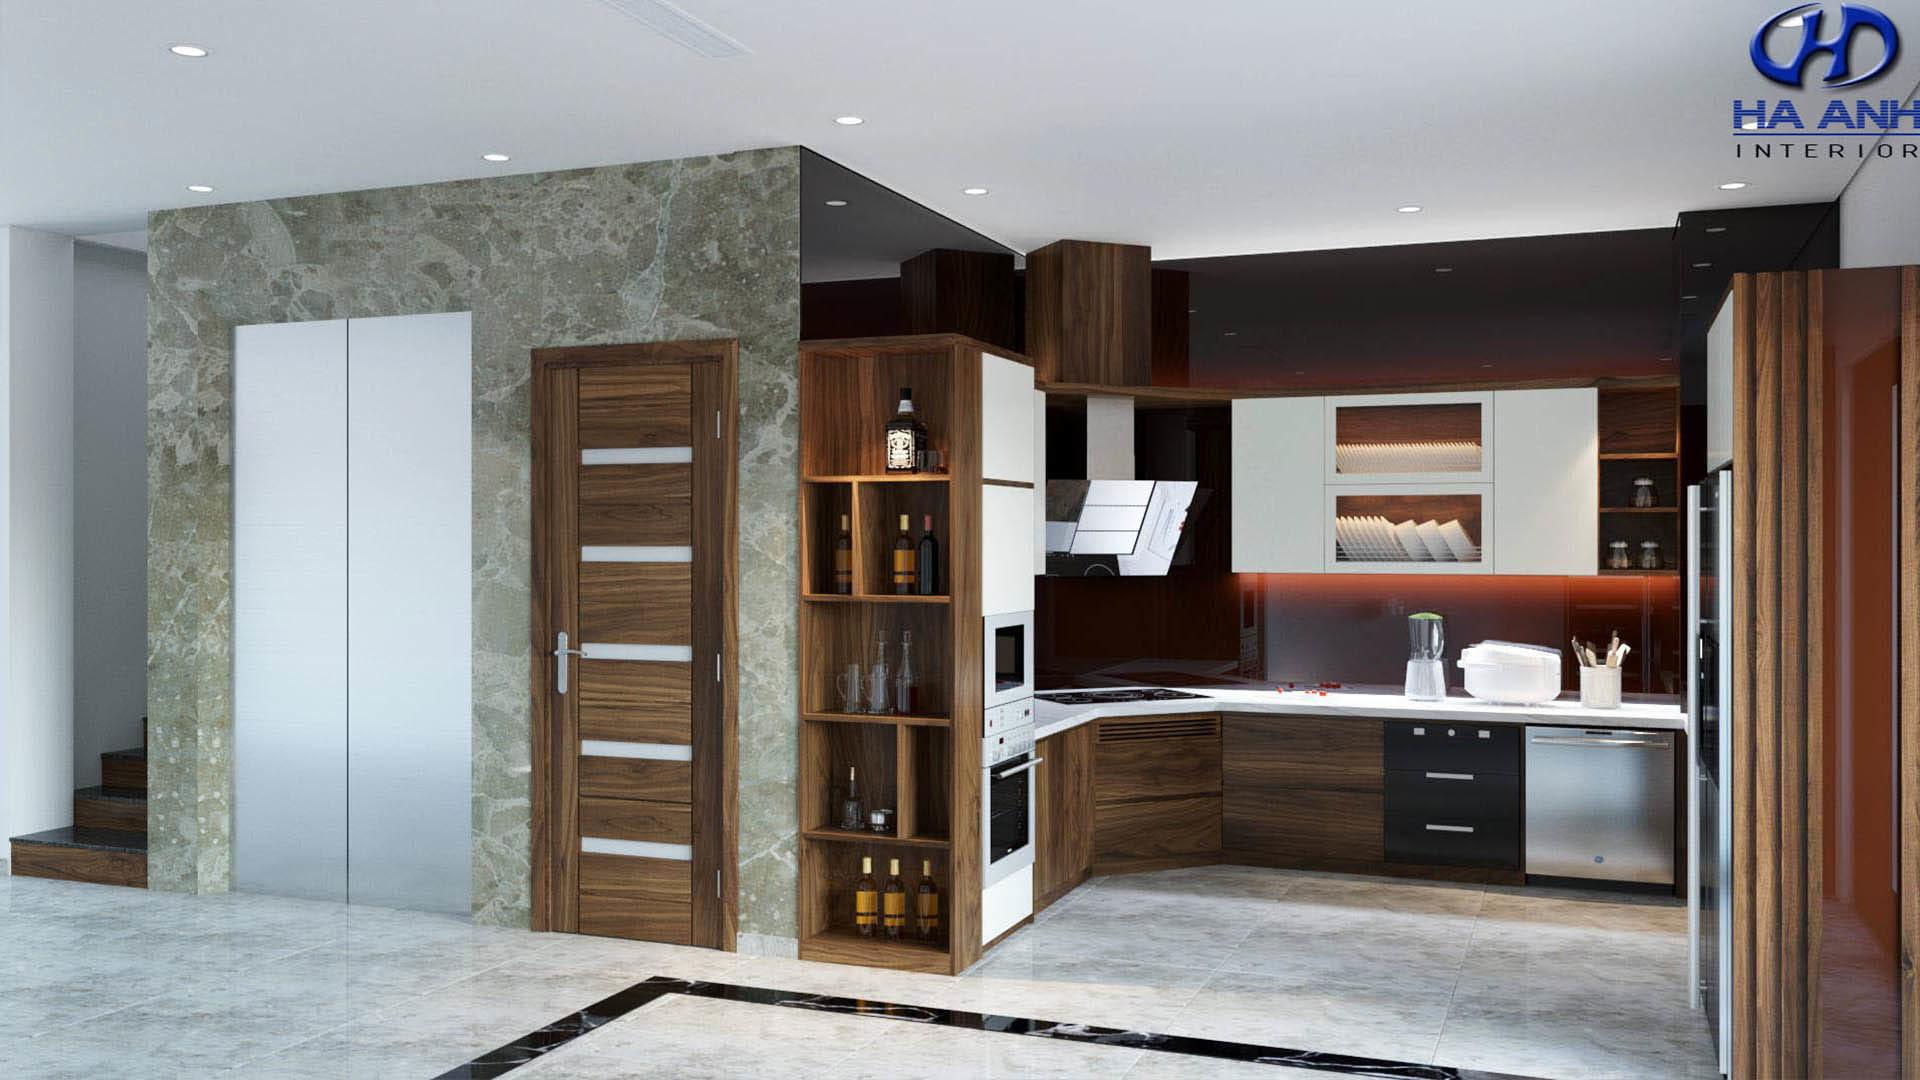 Phòng bếp gỗ óc chó nhà anh huy pandora